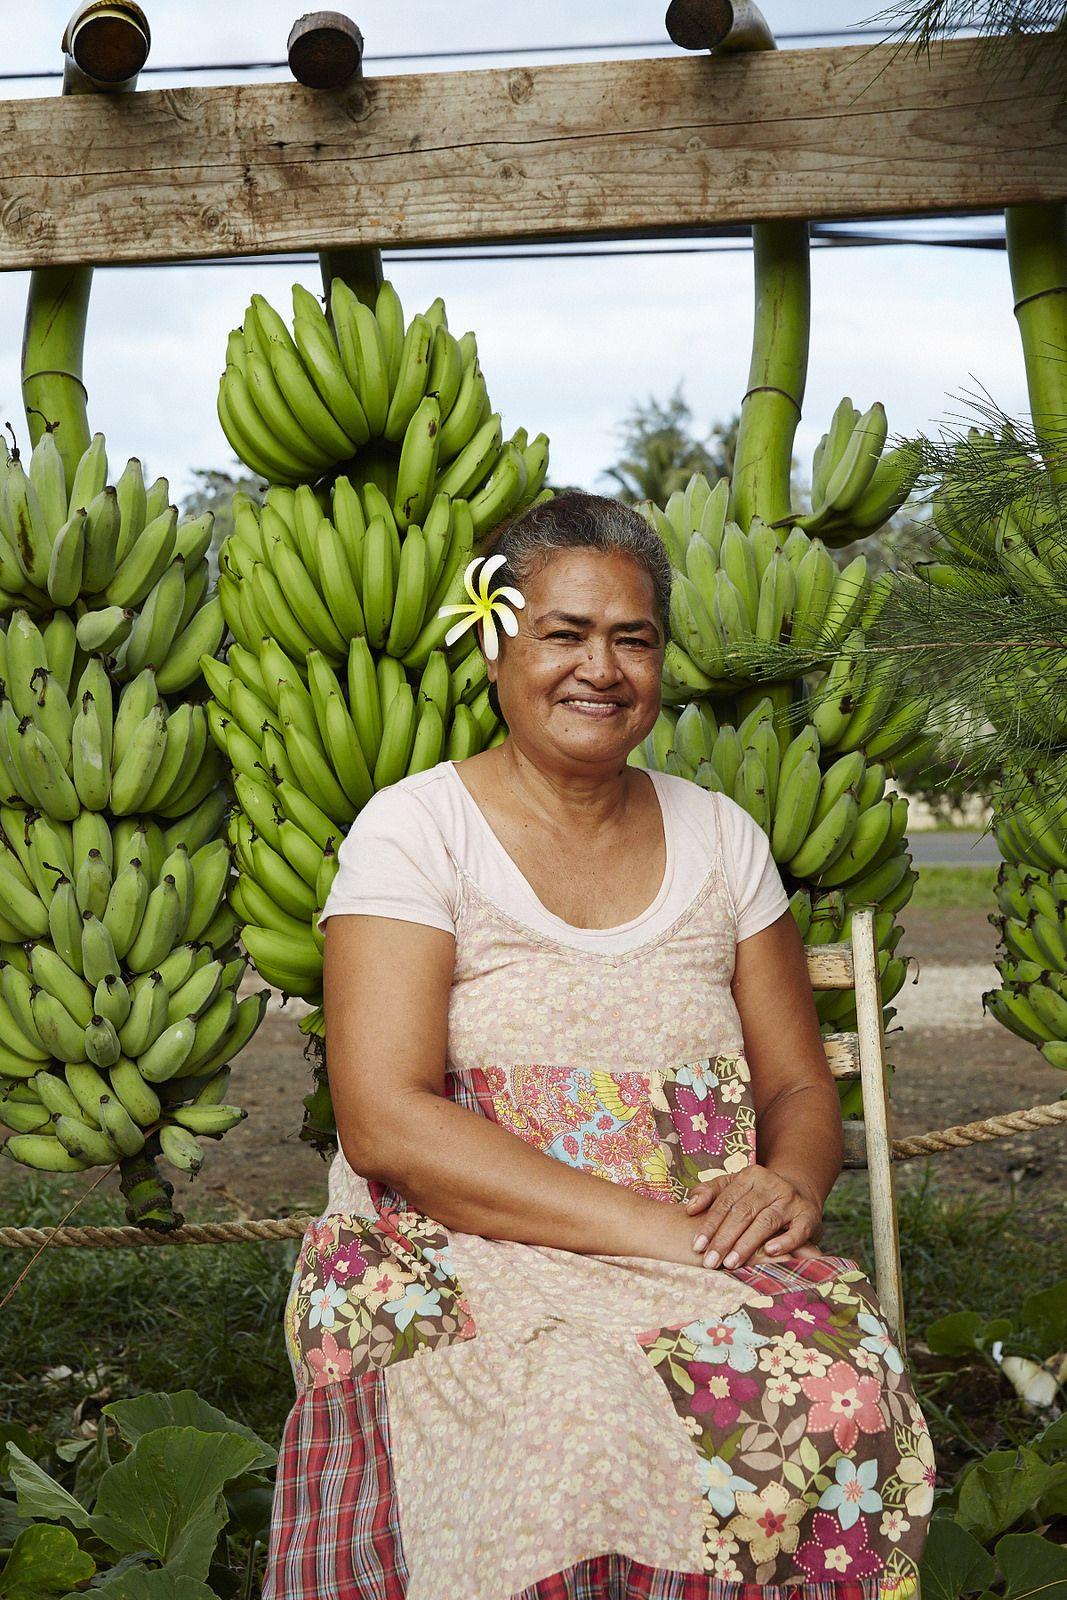 Banana farmer Oahu, Hawaii | Oahu travel, Hawaii, Oahu